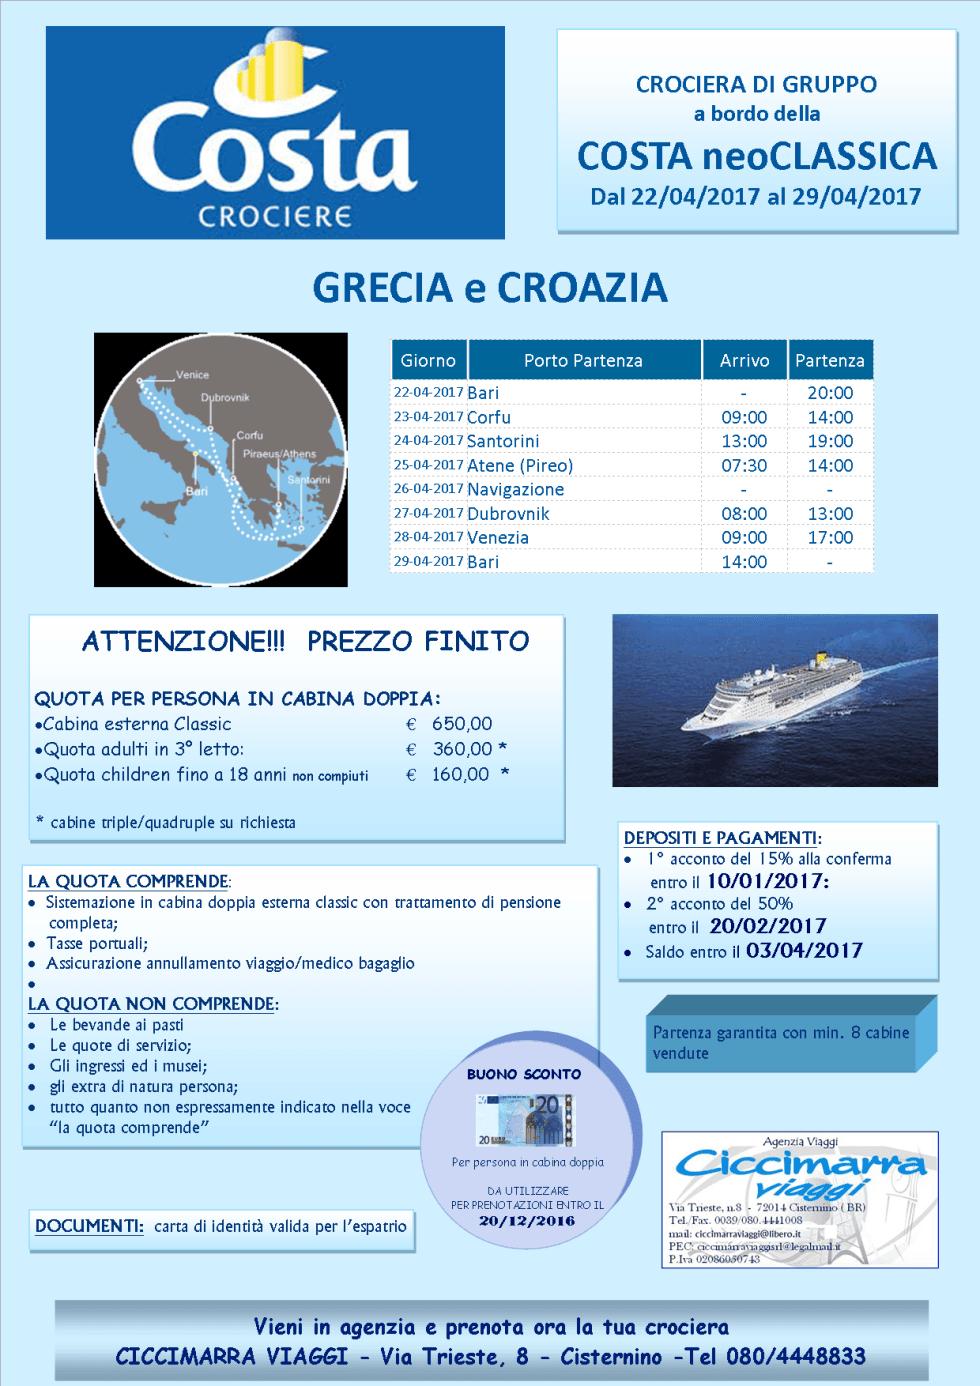 Costa neoClassica Cruise